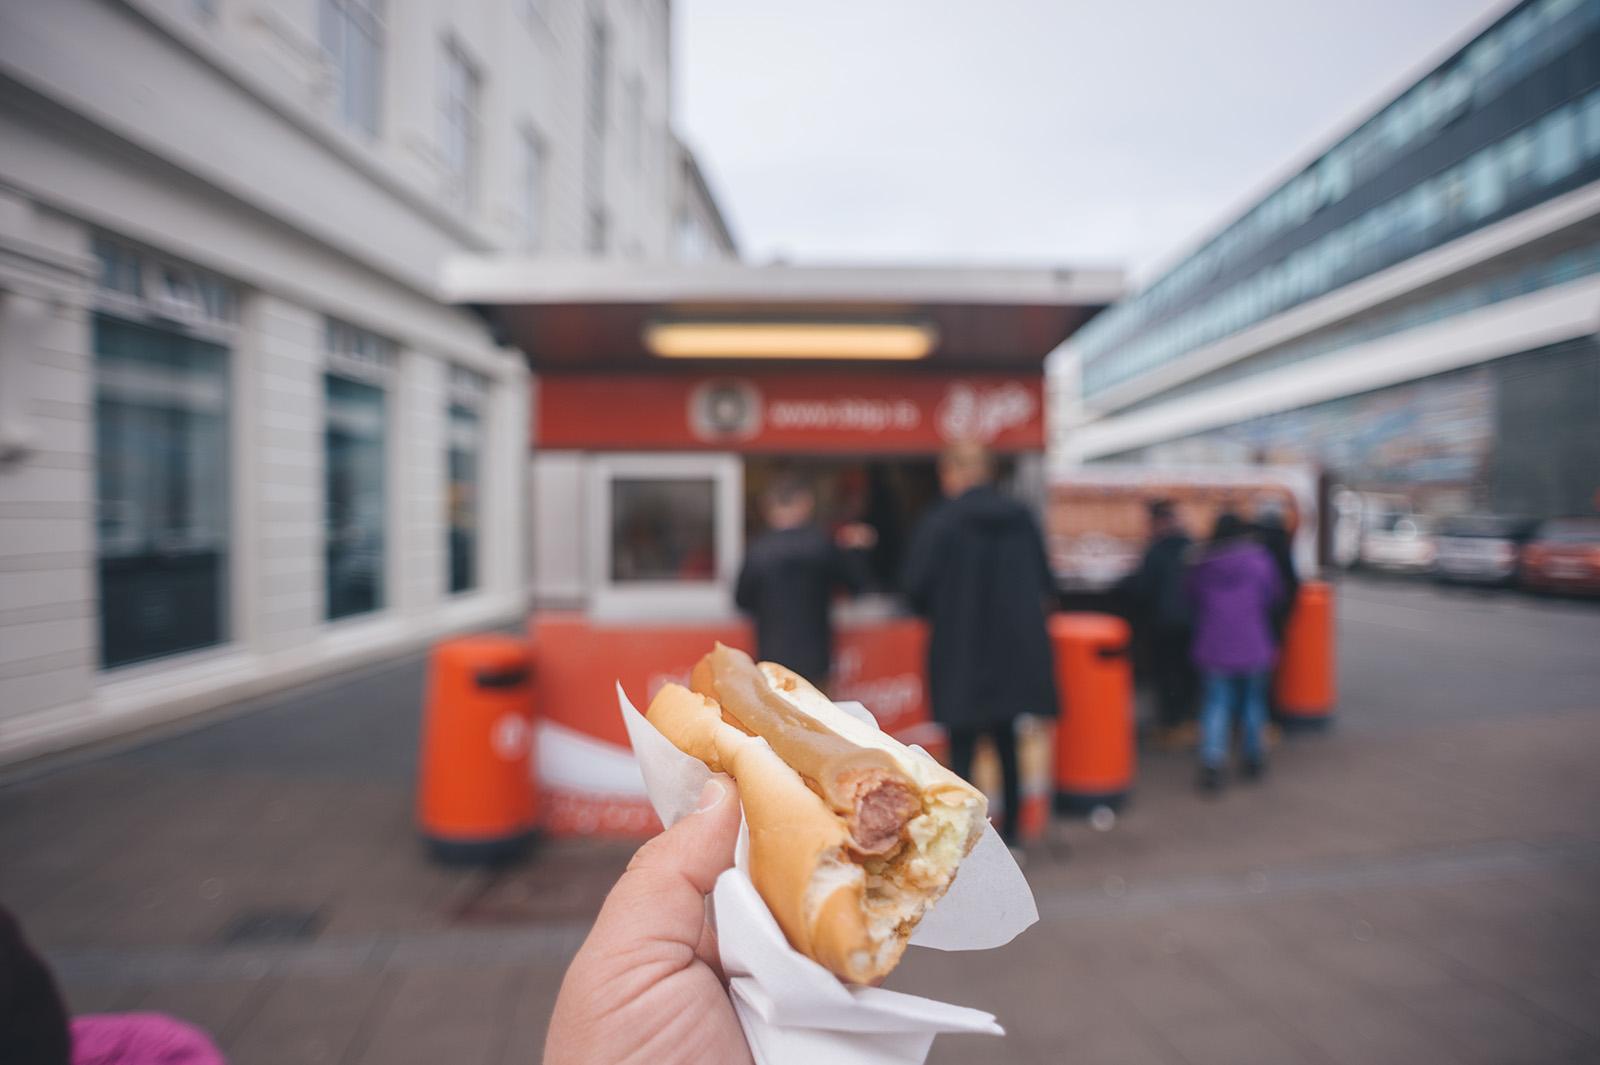 Bæjarins beztu pylsur (Лучший хотдог в городе), Reykjavik. Киоск по продаже хотдогов открылся в 1937 году. Работает до сих пор. Сюда ходят толпы туристов.